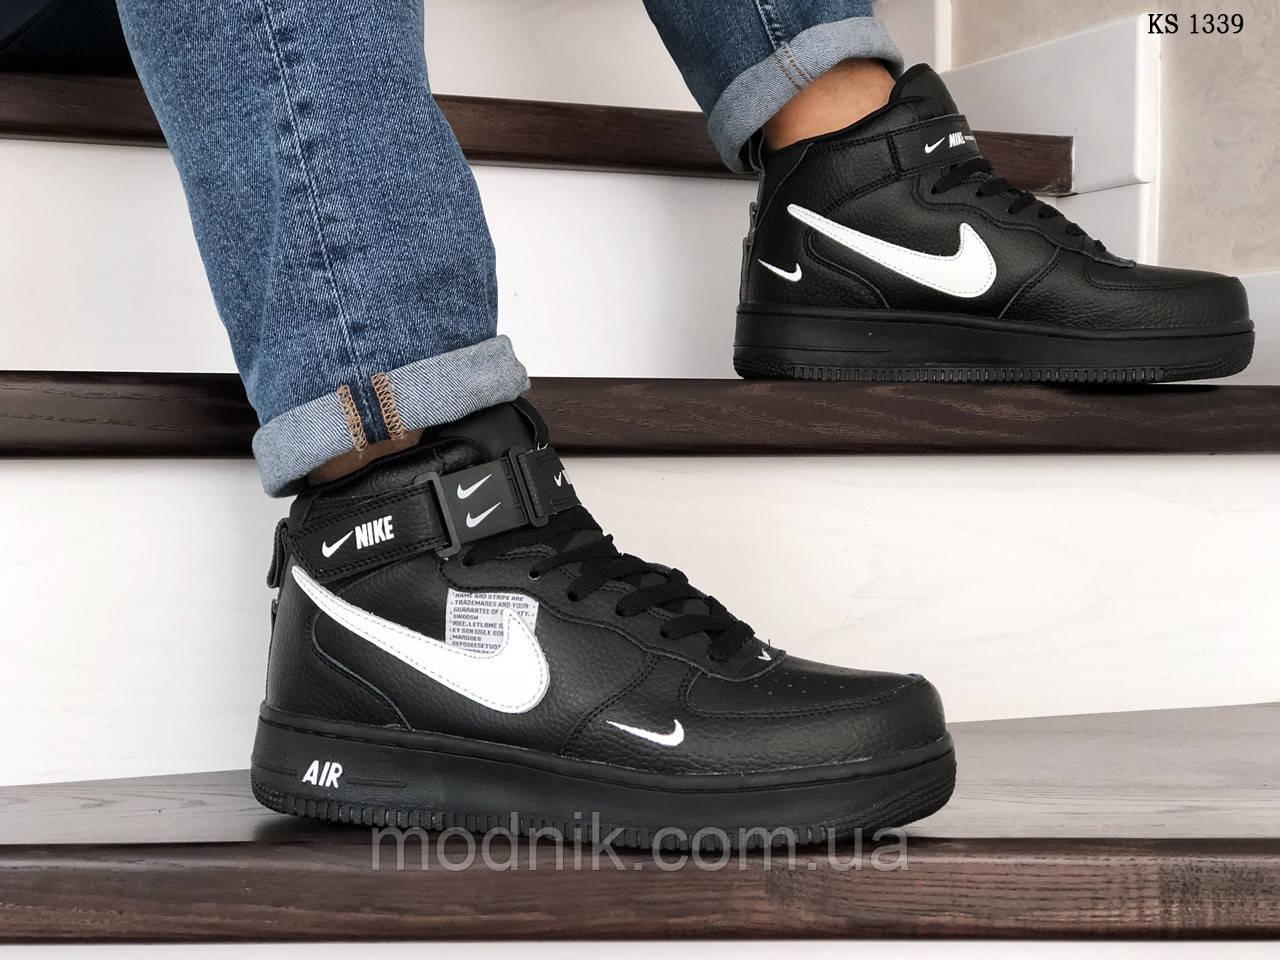 Мужские зимние кроссовки Nike Air Force 1 07 Mid LV8 (черные)